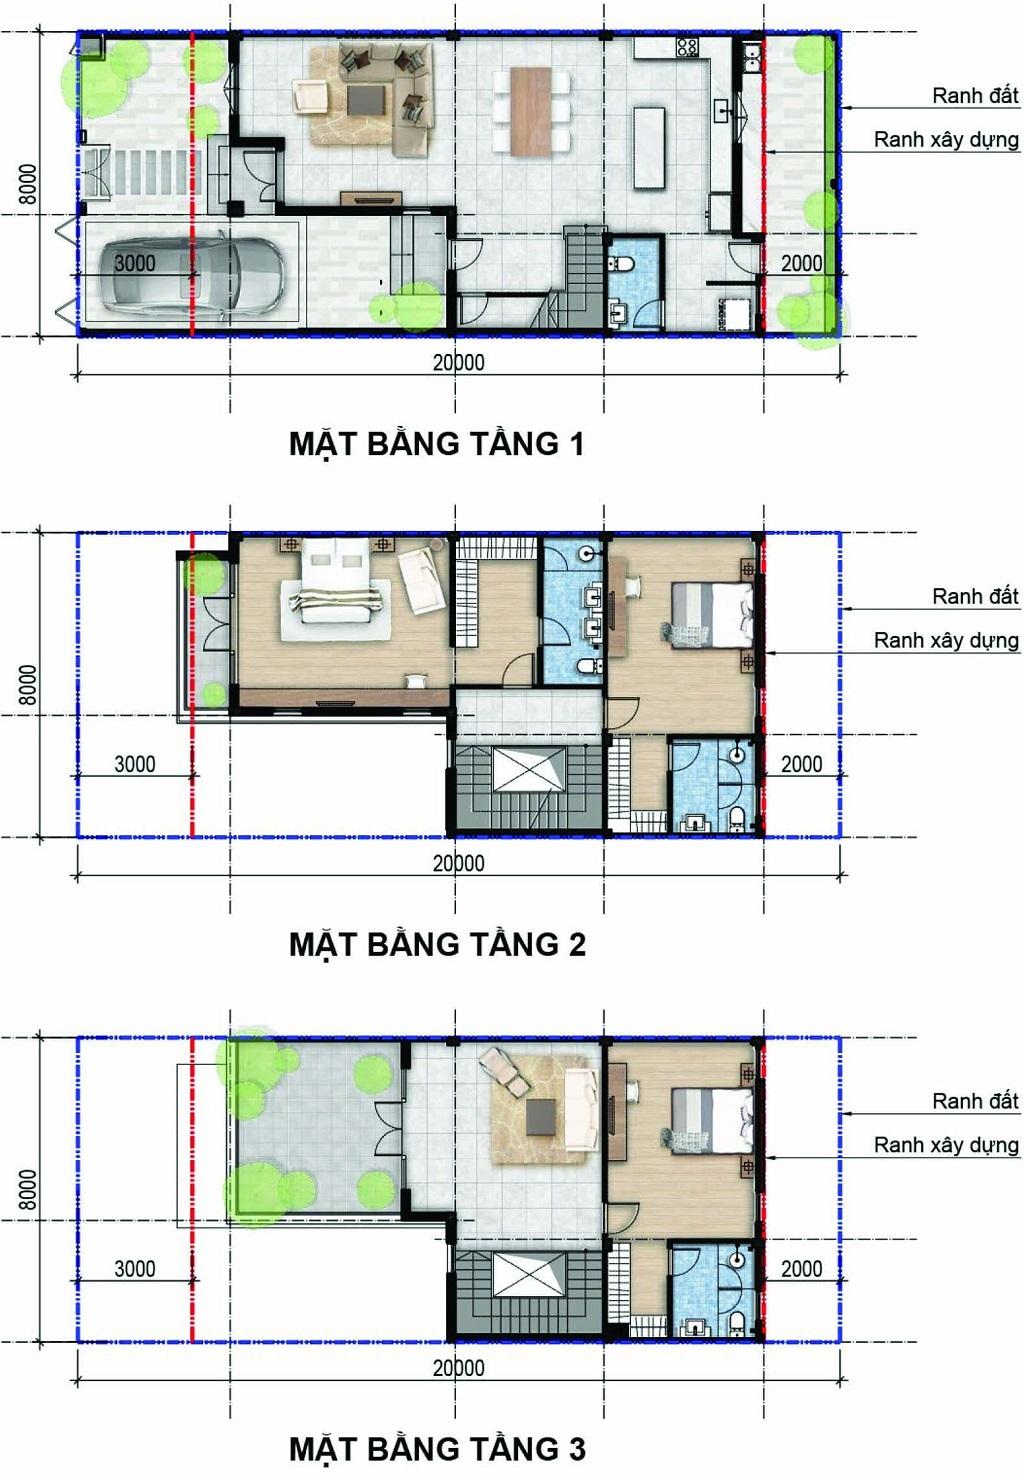 Thiết kế mặt bằng tầng nhà phosos 8x20 dự án Aqua city